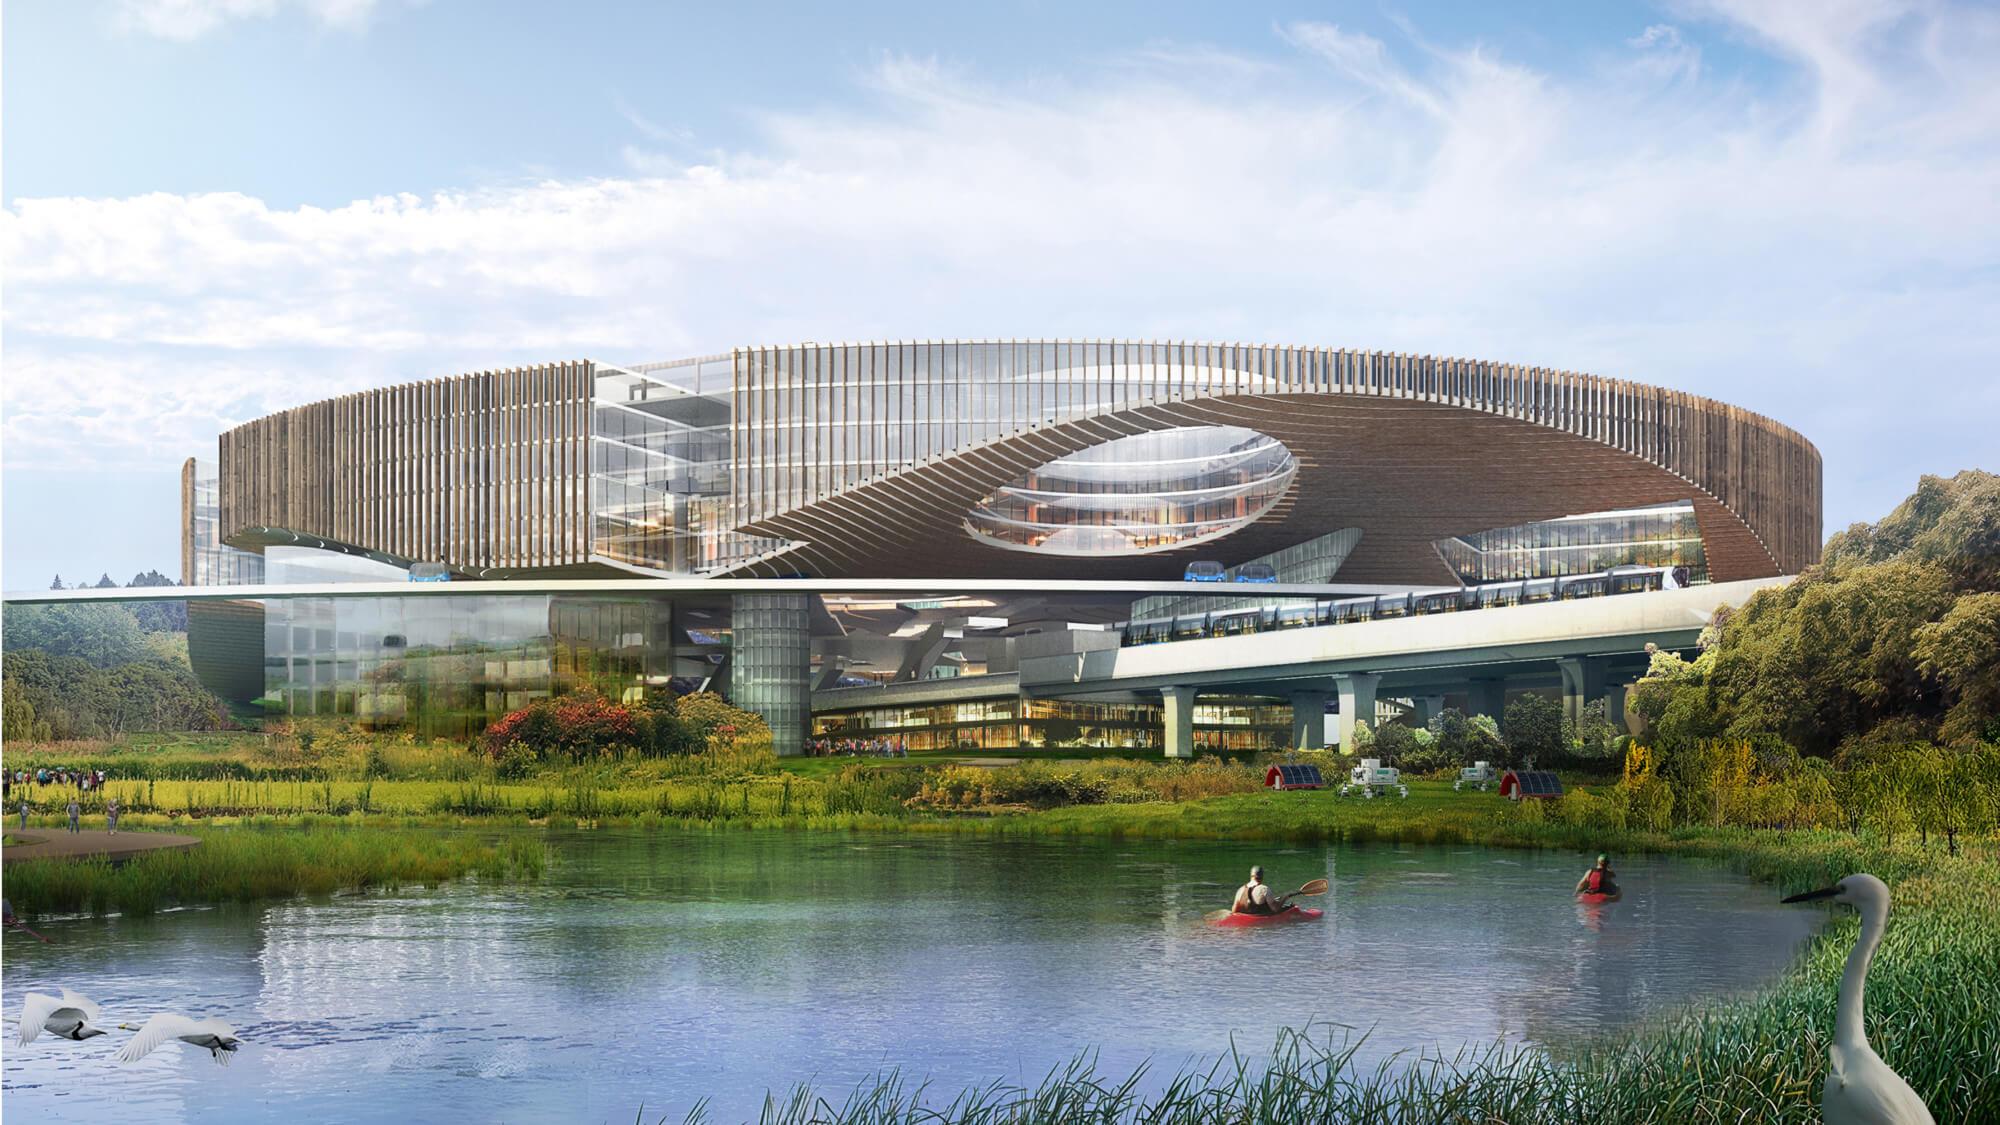 Китай построит город будущего посреди сельской местности. Как он выглядит